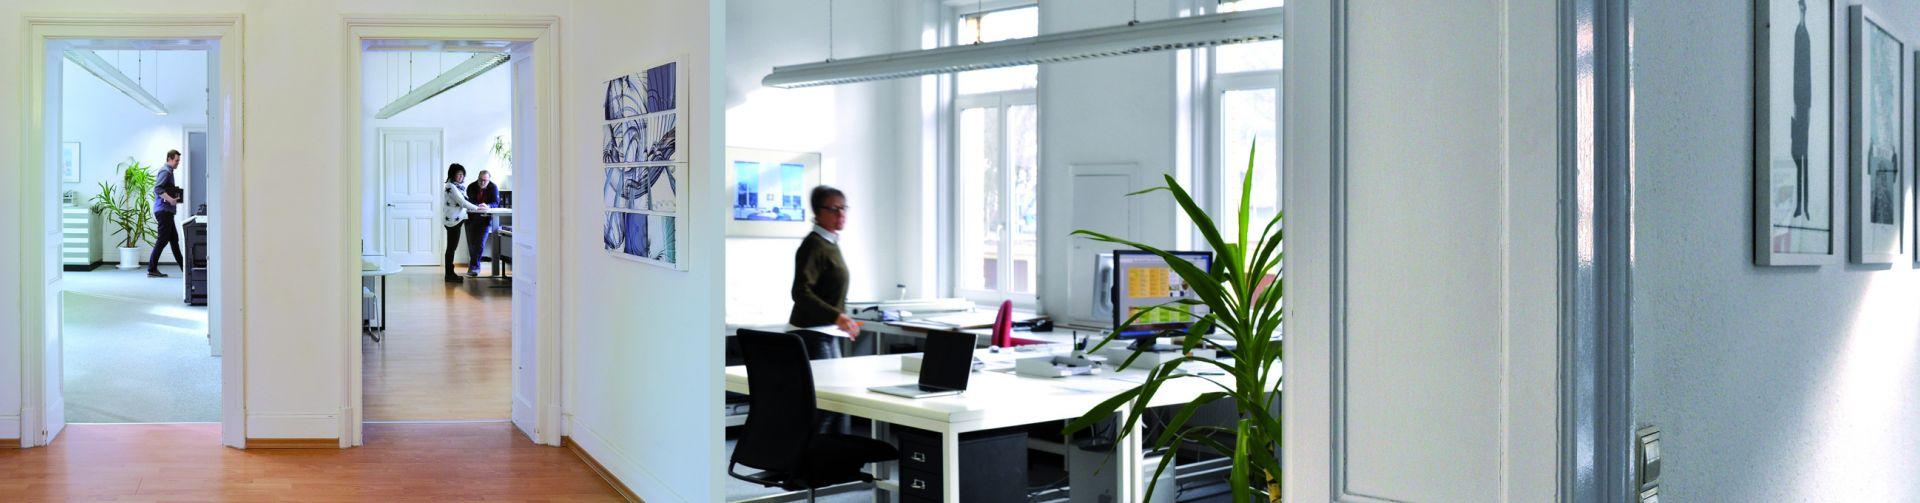 Werbepraxis GmbH Agenturäume